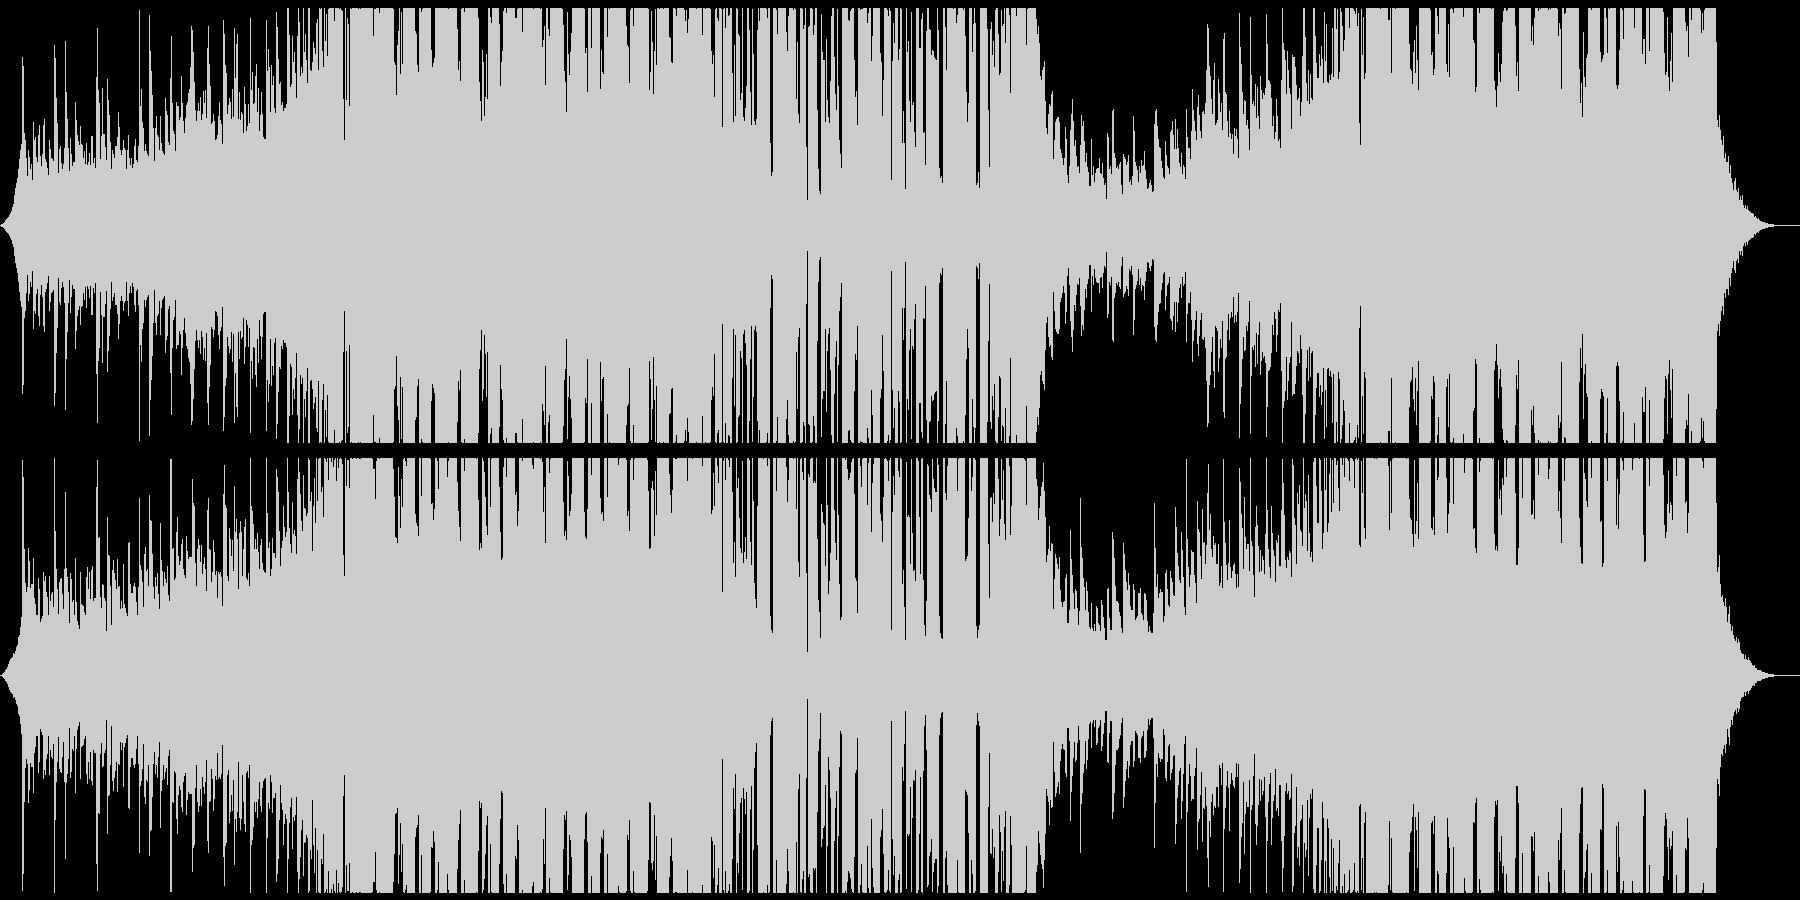 ちょっと切ない和風EDMの未再生の波形